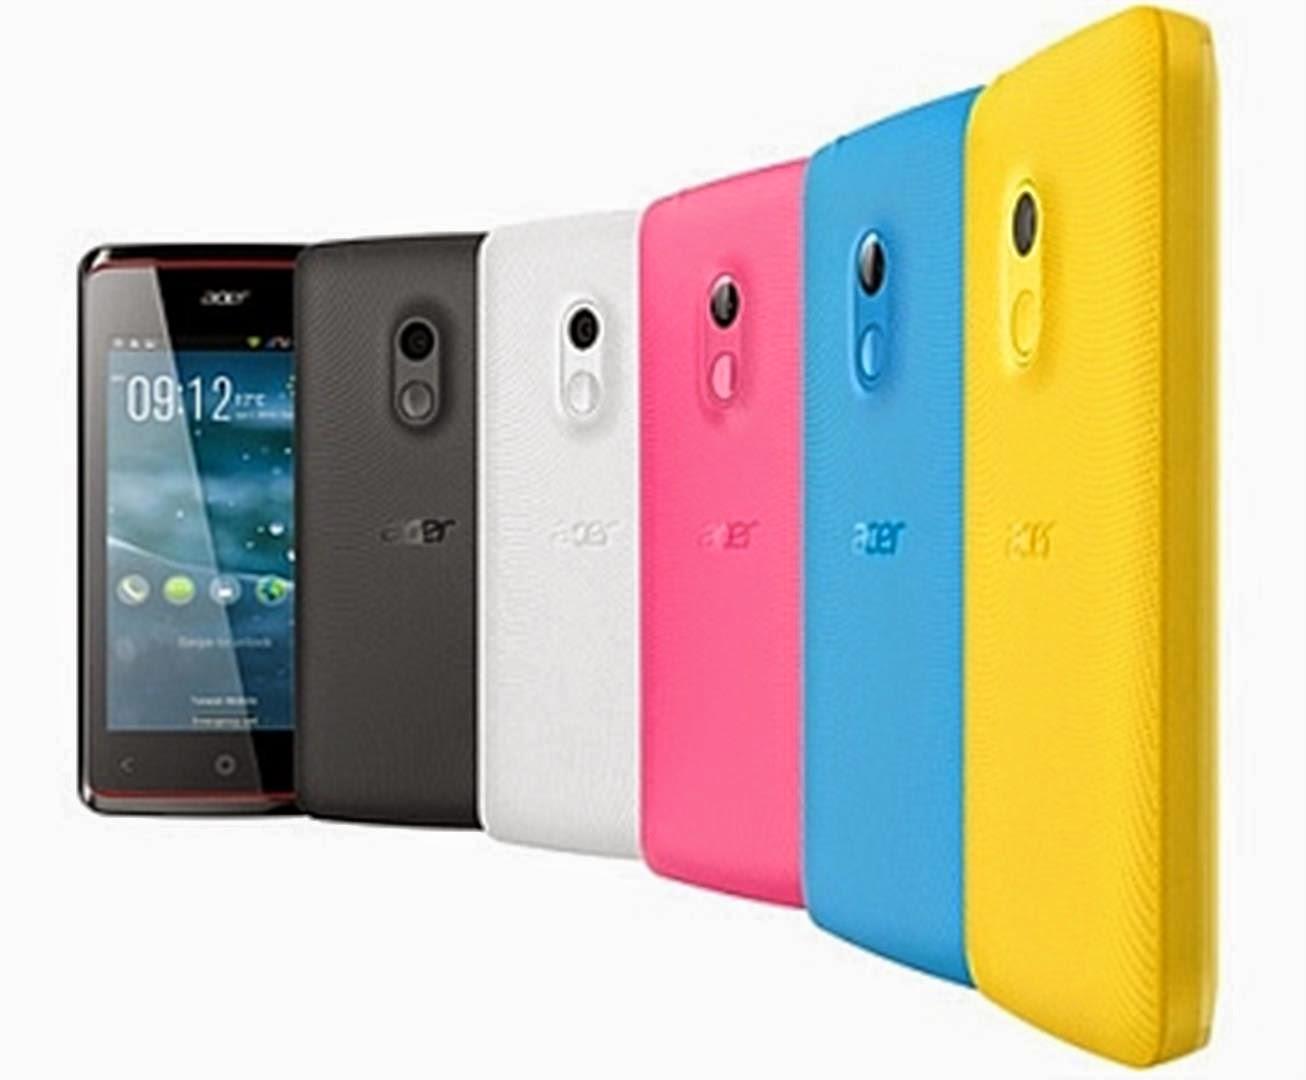 چهار ویندوز فون جدید:  Acer Liquid M320, M330, M530 & M630